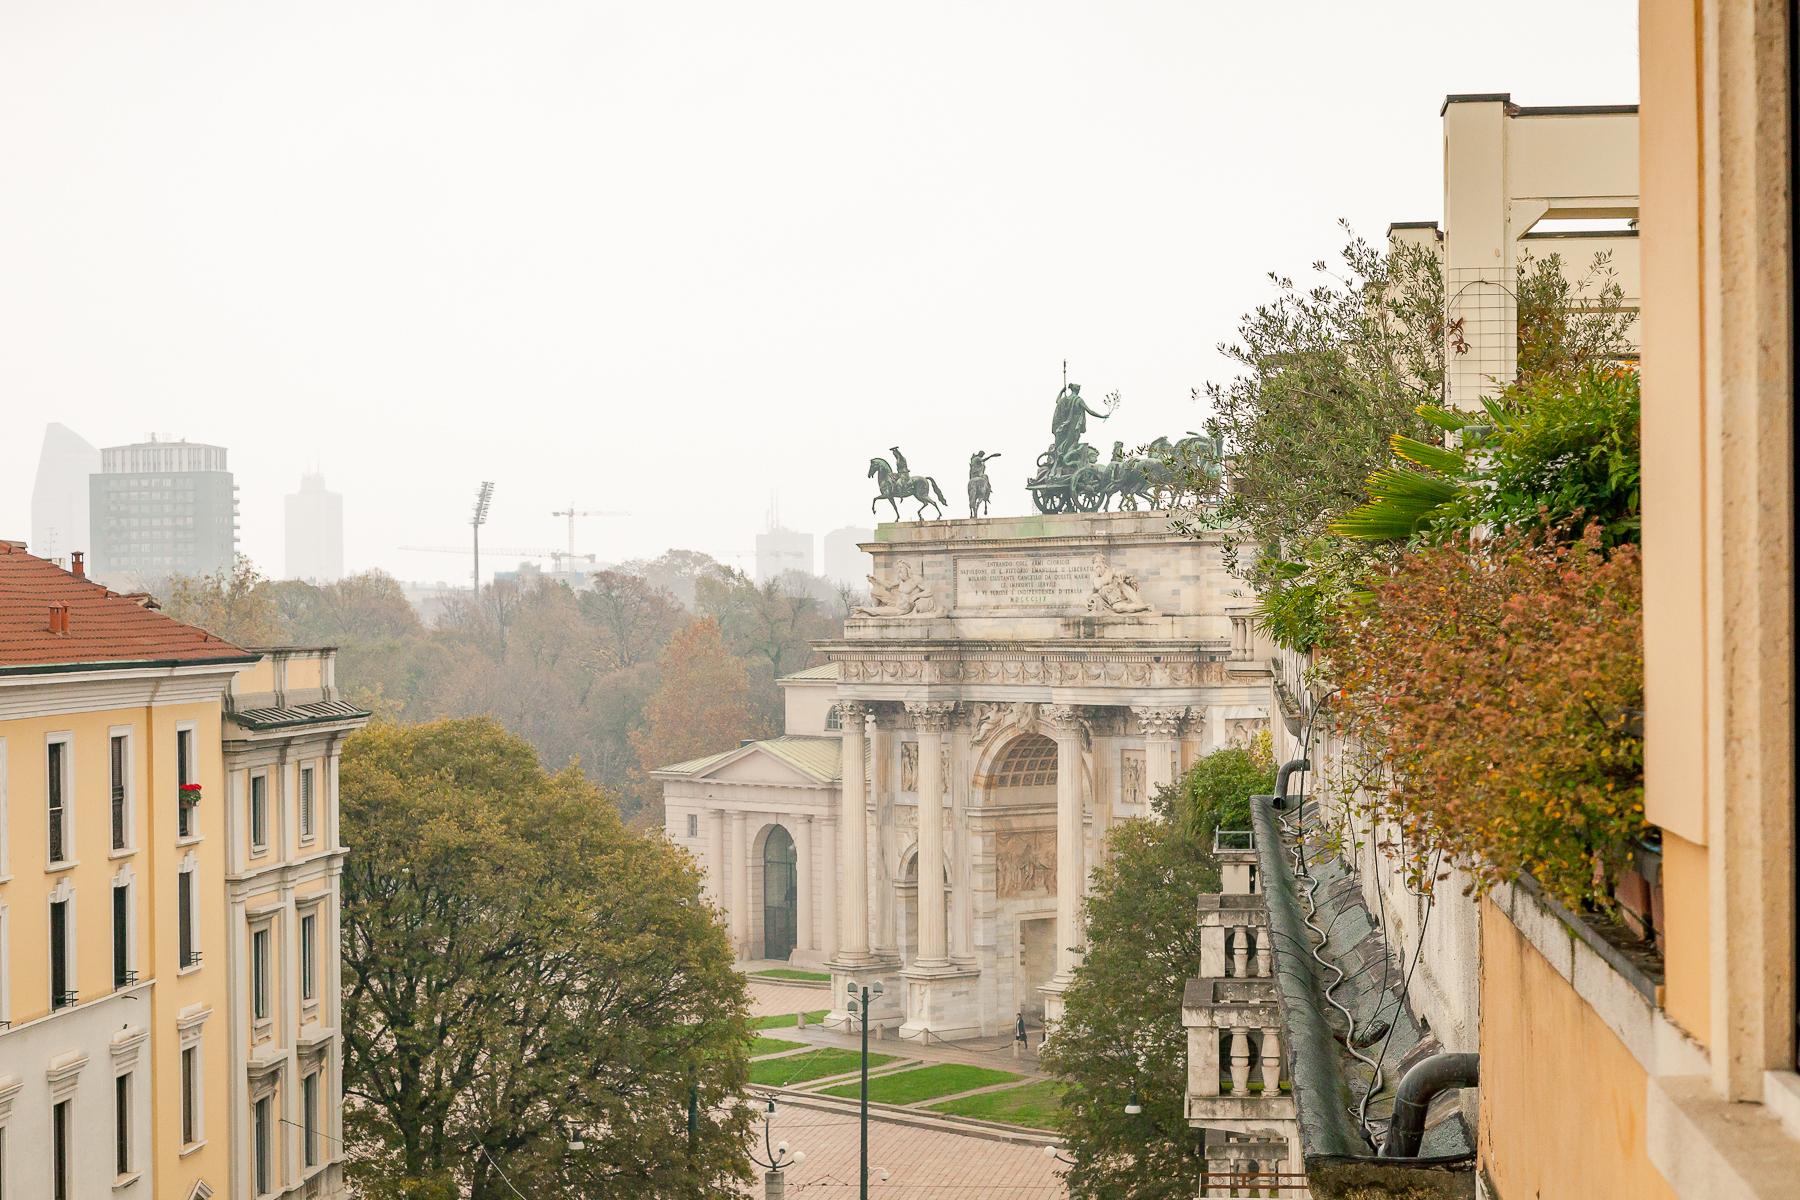 Attico in Vendita a Milano 19 Farini / Maciachini / Gattamelata / Sempione / Monumentale: 5 locali, 240 mq